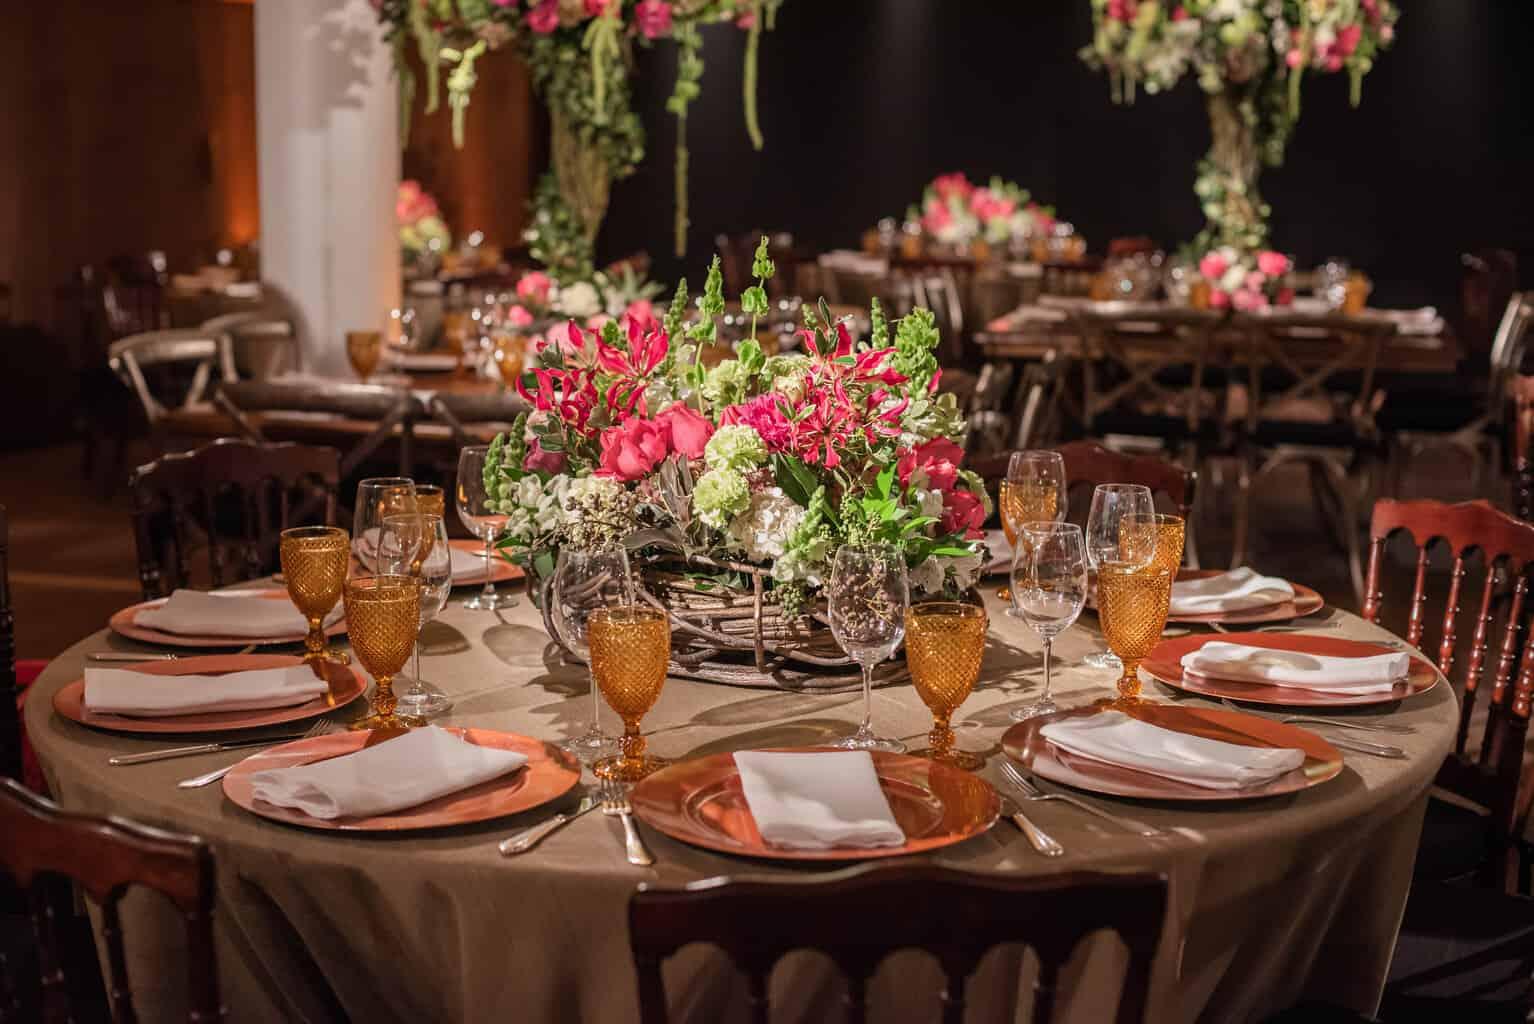 casamento-Karynna-e-Fernando-cerimonial-TCD-Eventos-decoração-Eugenia-Guerrera-Decoração-Melanie-Schmid-fotografia-Marina-Fava5